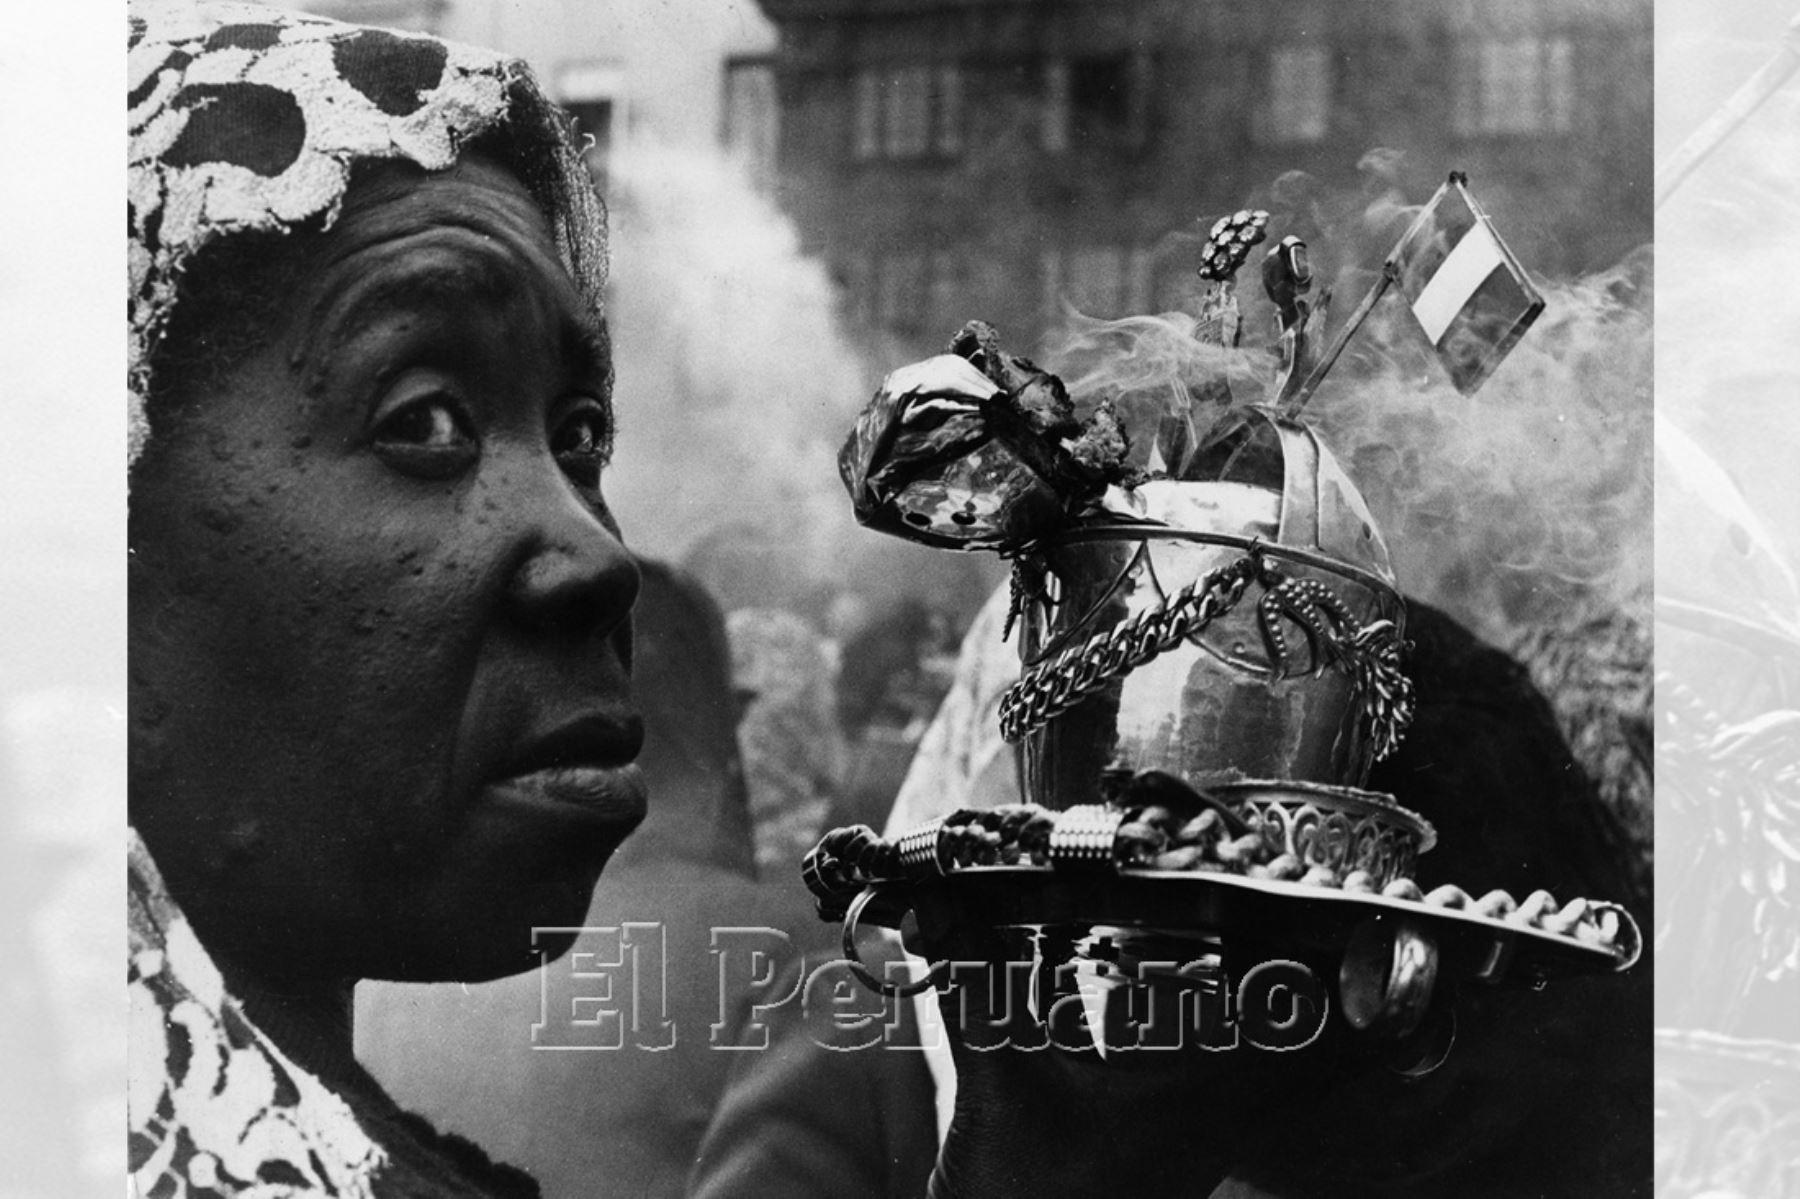 Lima - 18 octubre 1974 / Sahumadora en la procesión del Señor de los Milagros. Foto: Archivo Histórico de EL PERUANO / Rolando Ángeles